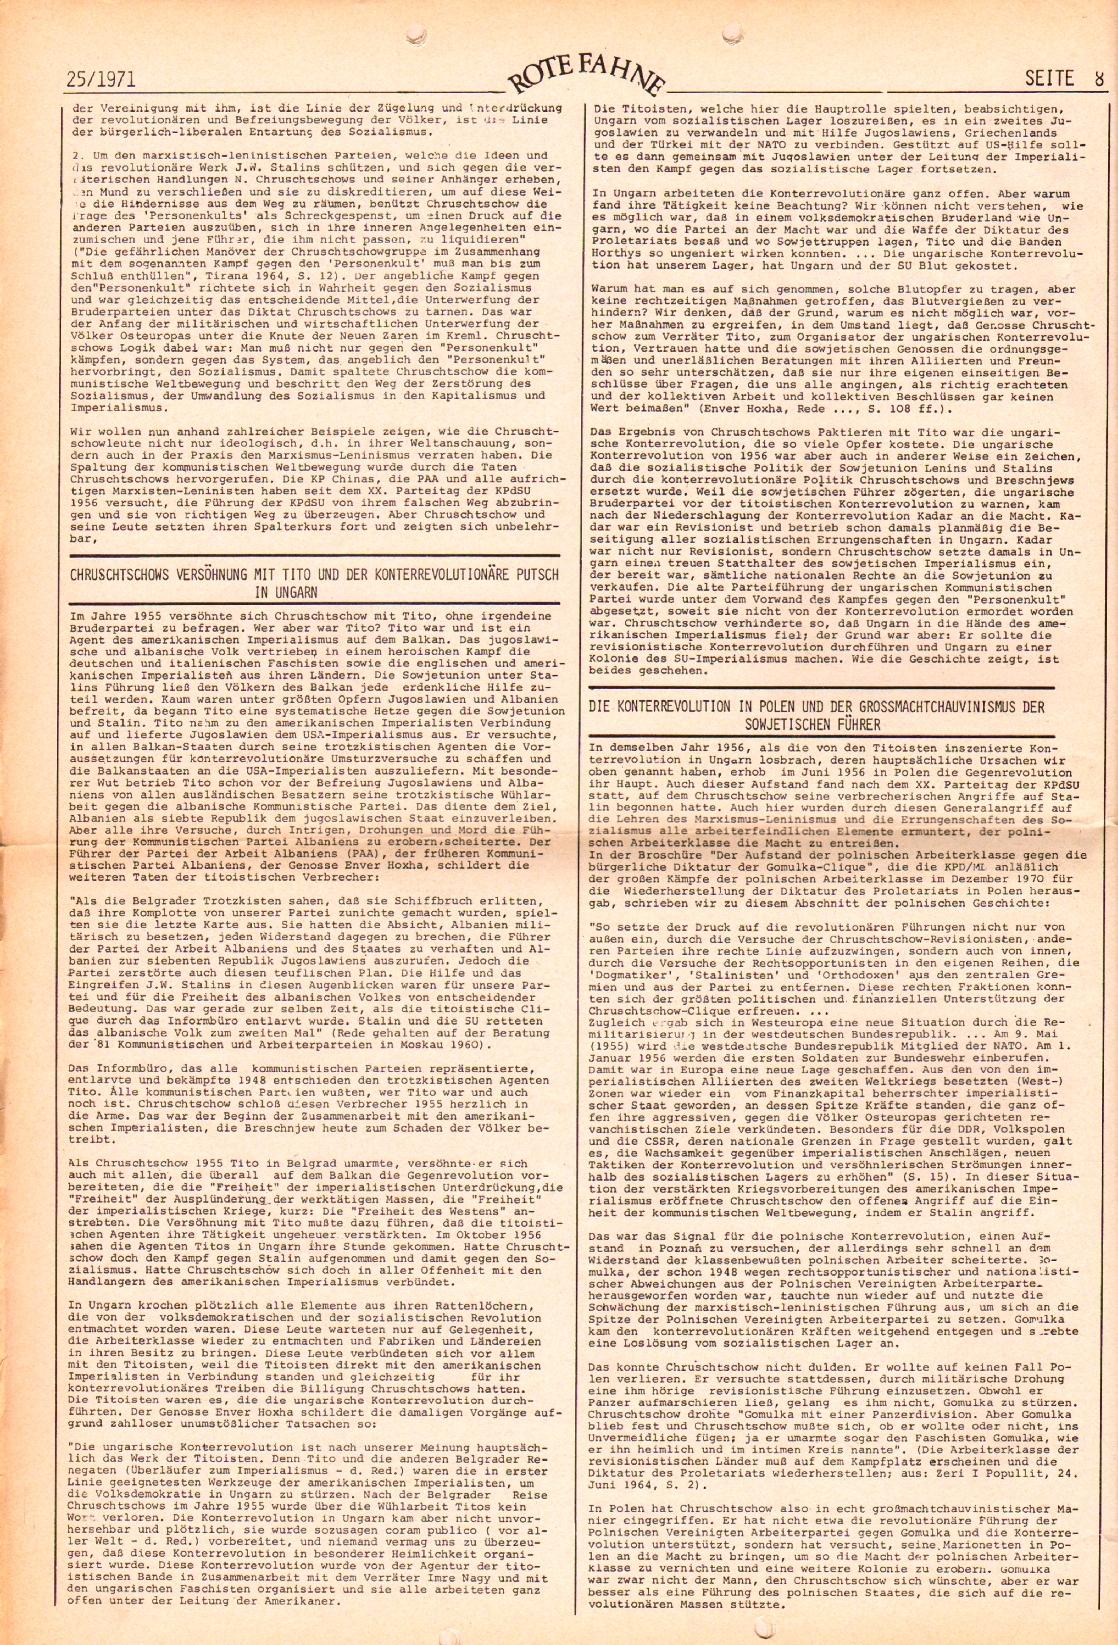 Rote Fahne, 2. Jg., 20.12.1971, Nr. 25, Seite 8